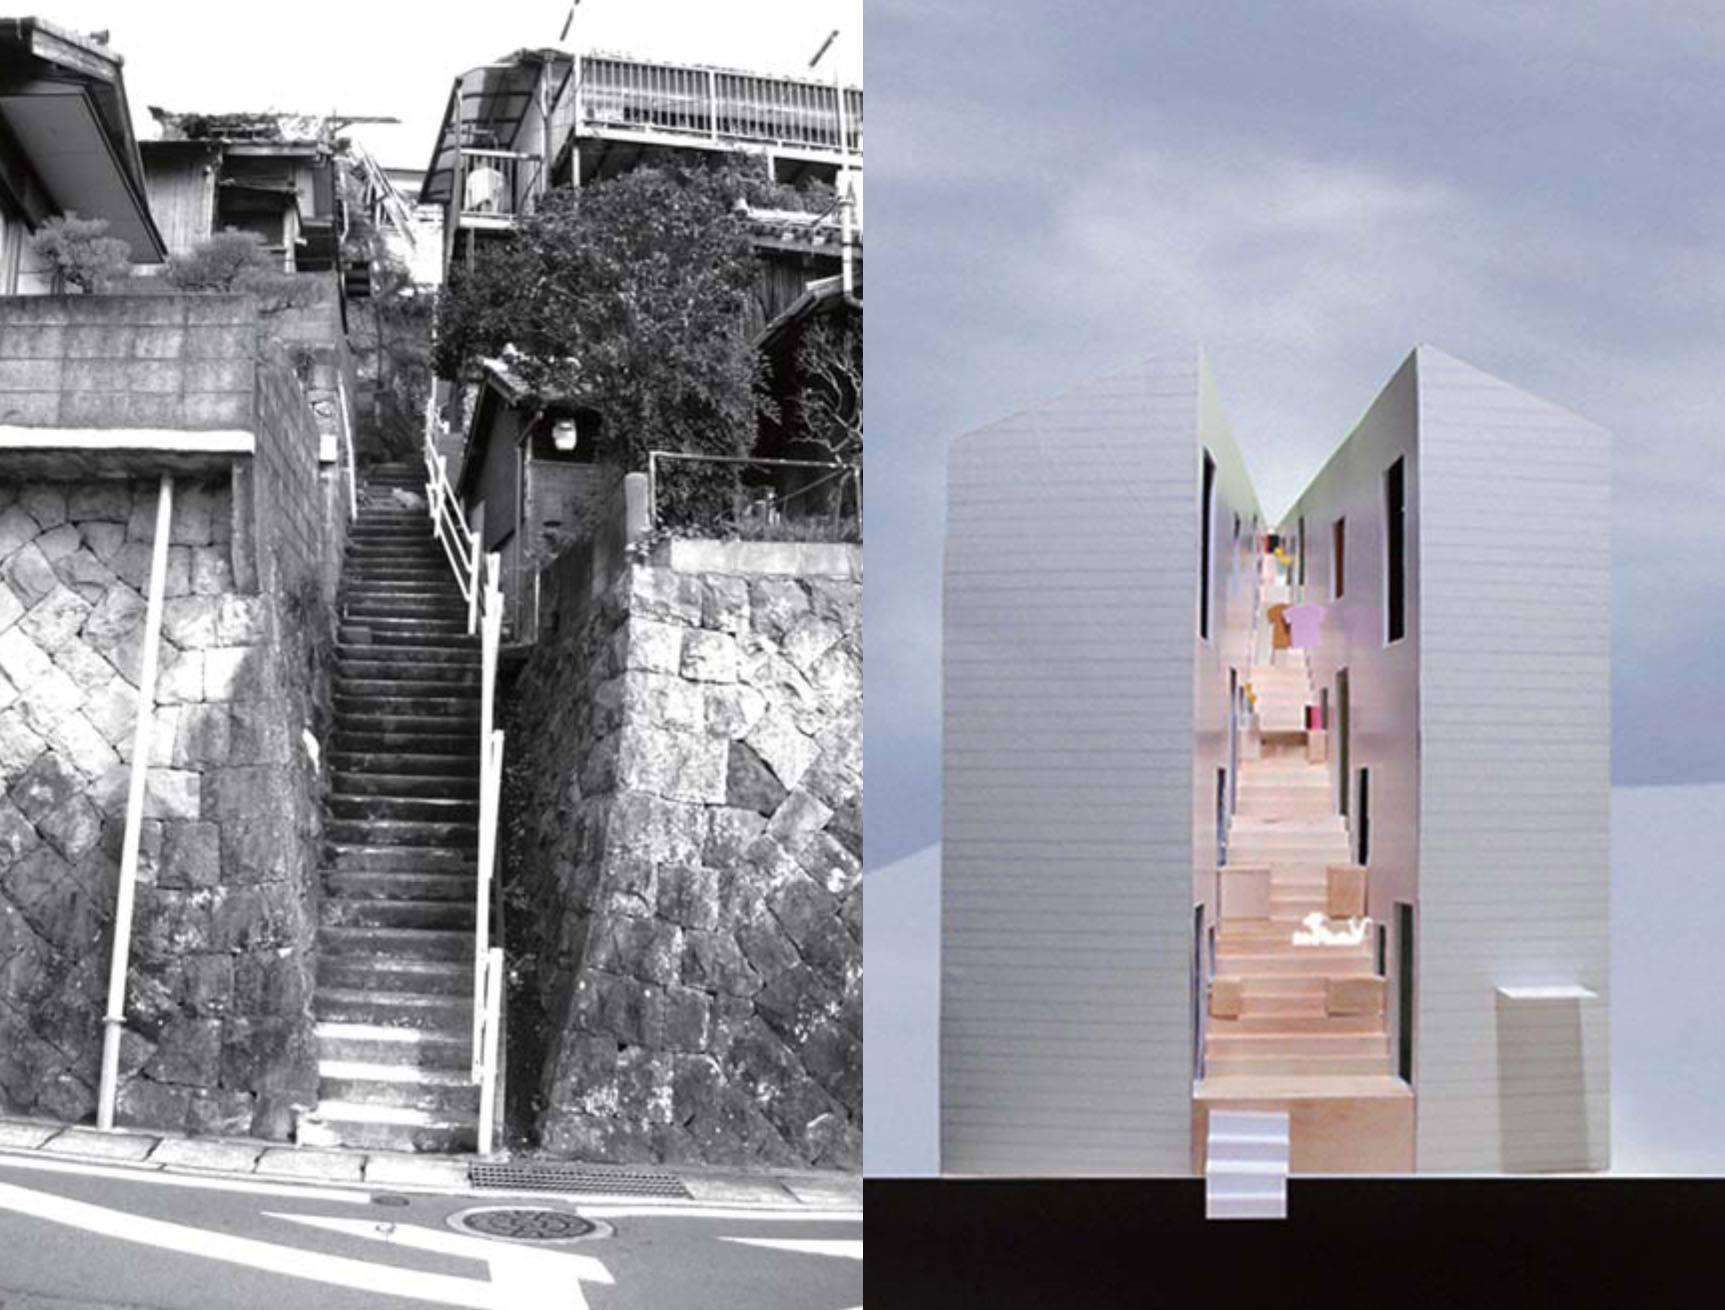 都市に建築家を埋蔵する-新国立競技場・九州・百枝優-_e0154707_1357271.jpg